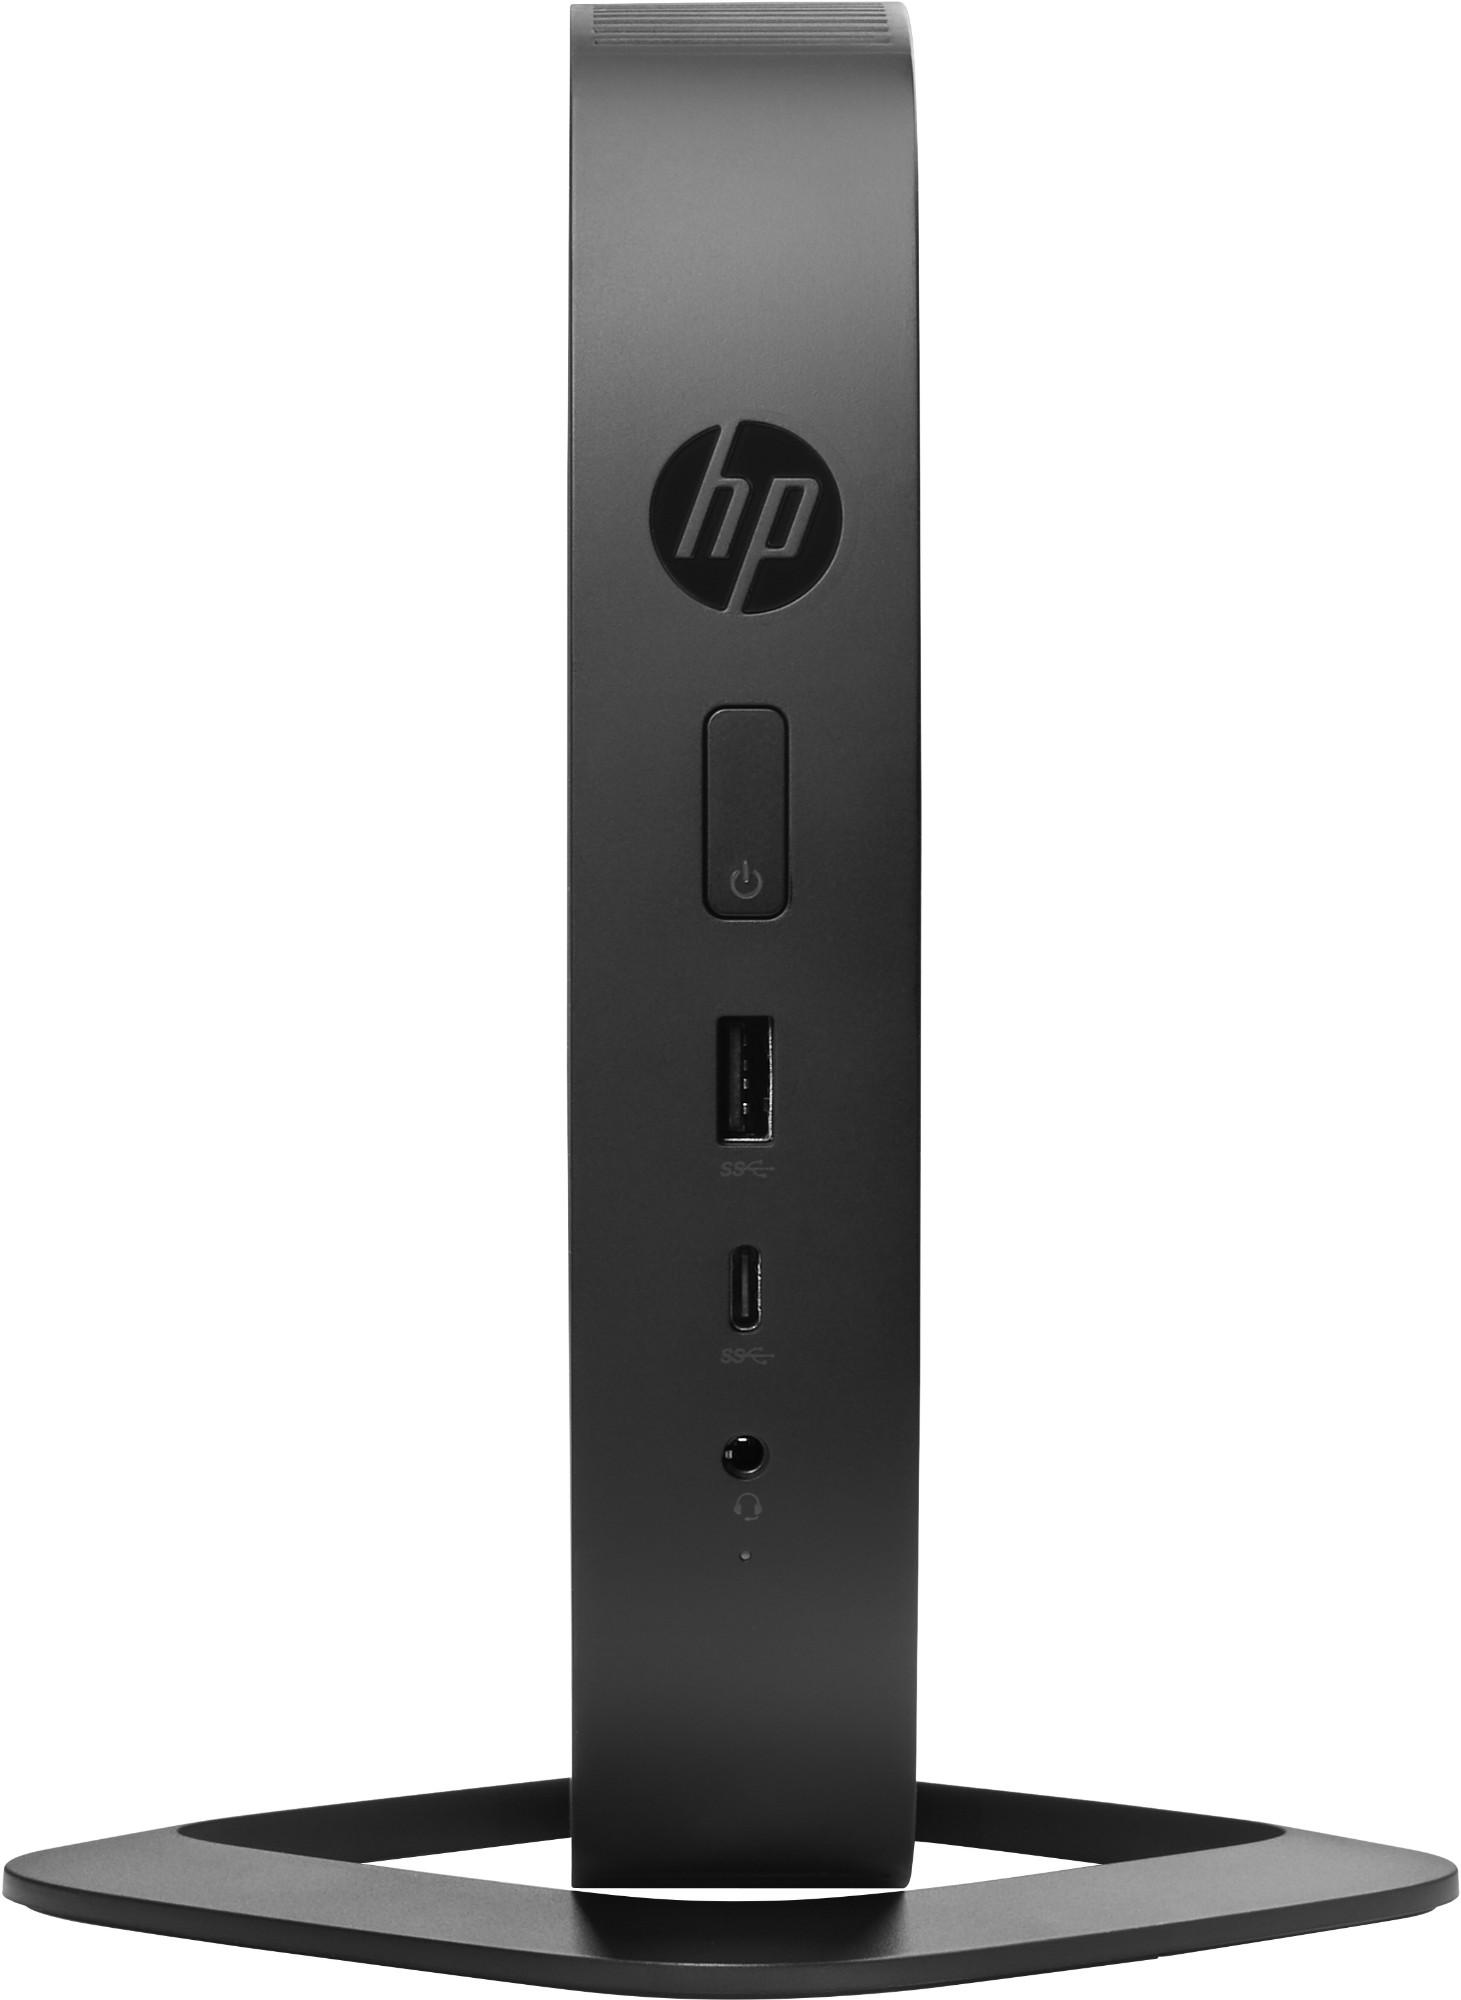 HP t530 1.5 GHz GX-215JJ Black Windows 10 IoT Enterprise 960 g